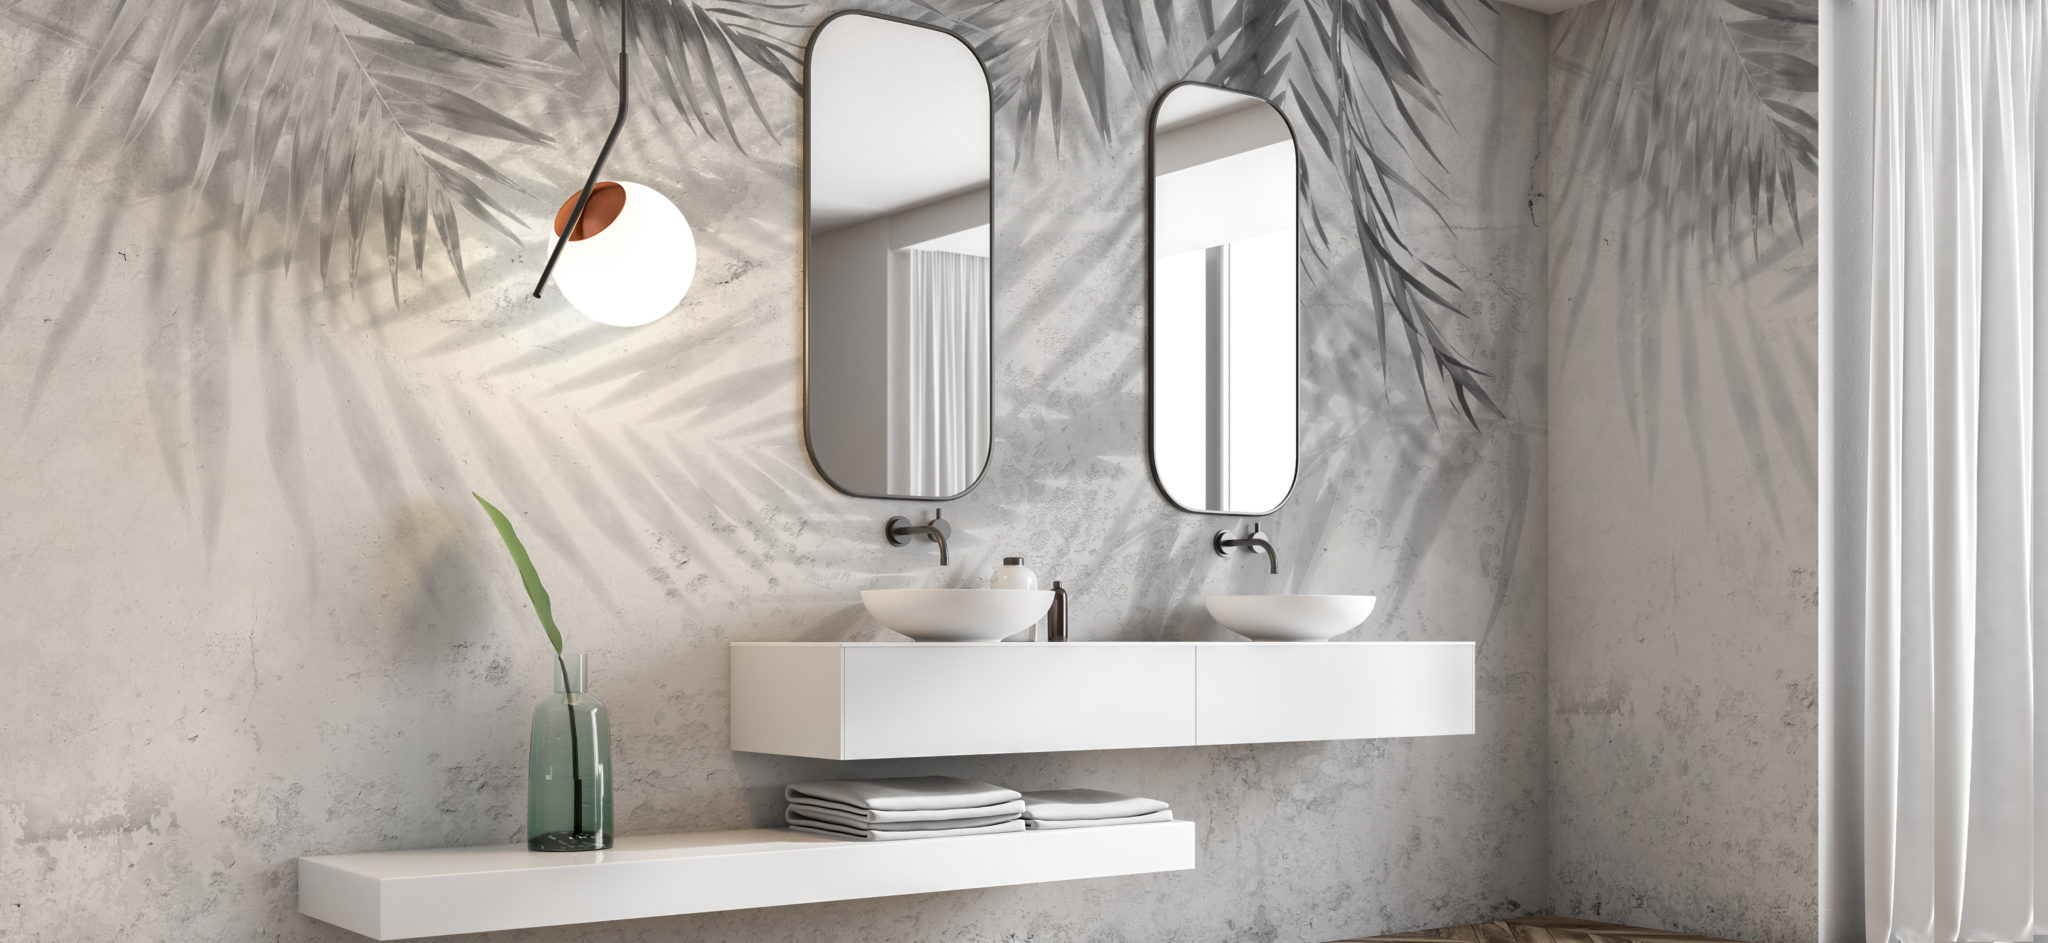 Carta da parati tropicale bianco e nero per arredare bagno e pareti di casa